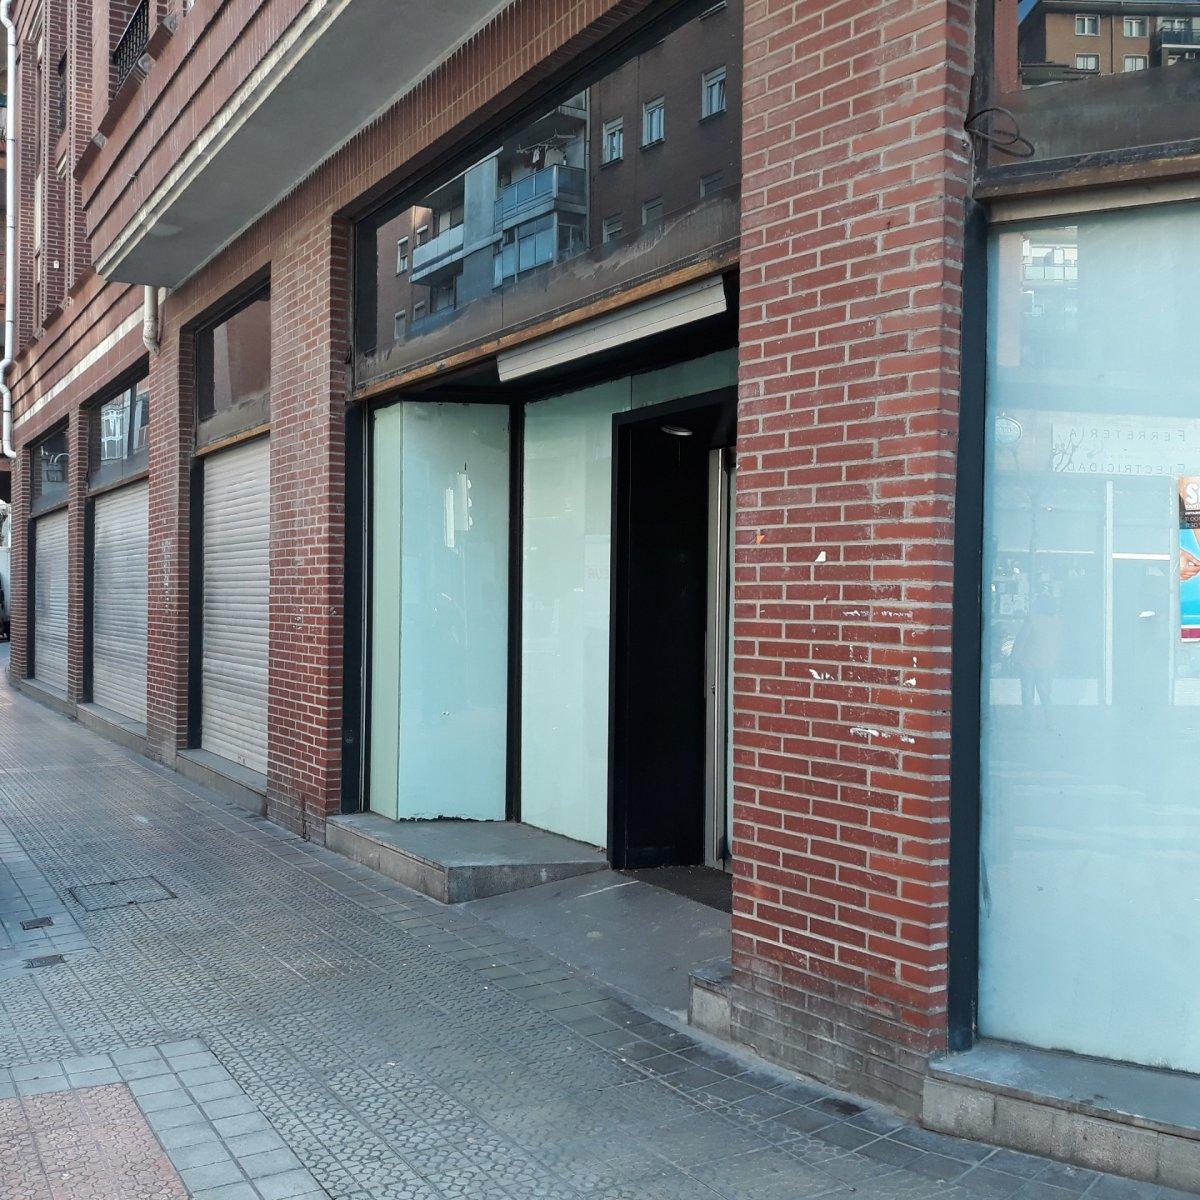 Local comercial en venta en Bilbao  de 2 Baños y 168 m2 por 150.100 €.